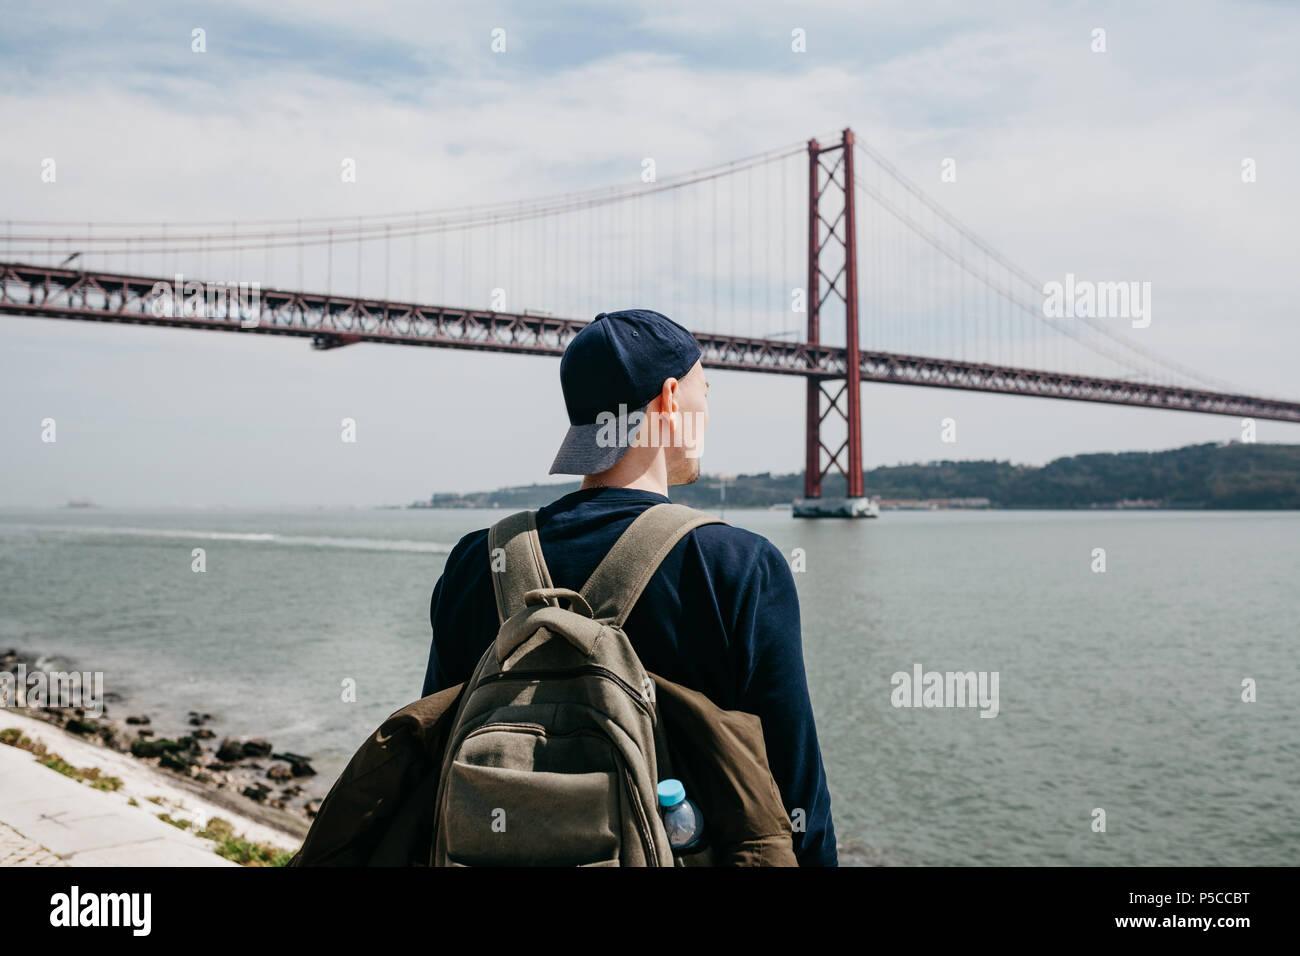 Un jeune voyageur ou touriste avec un sac à dos sur le bord de l'eau à Lisbonne au Portugal, à côté de la pont du 25 avril Photo Stock